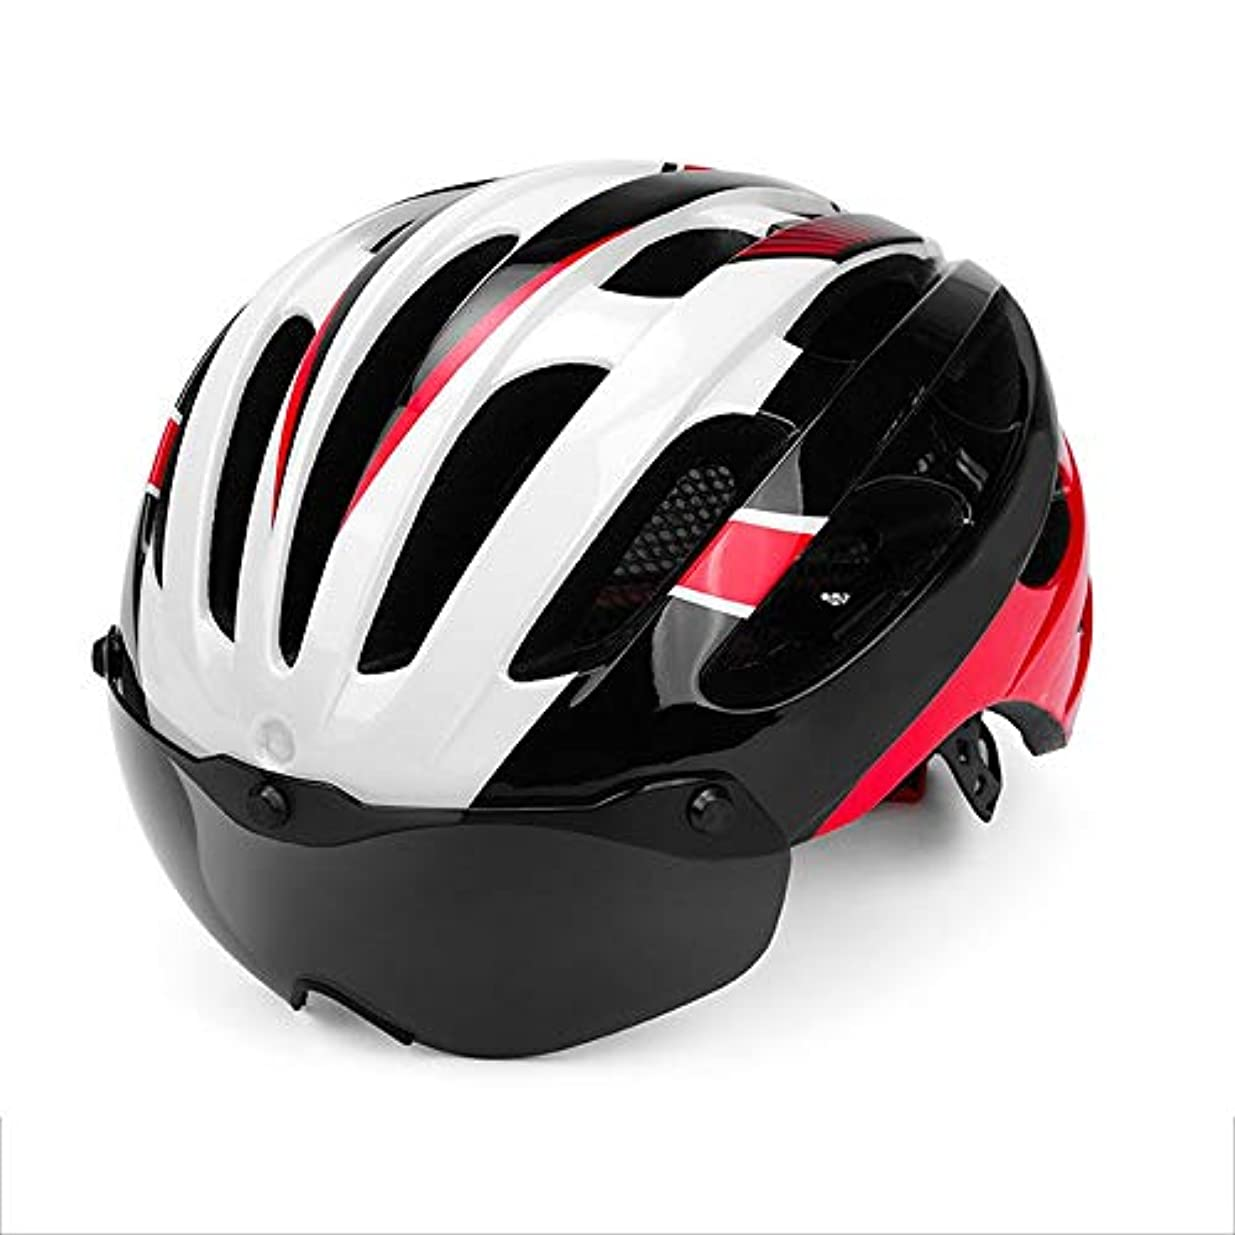 イルパケットプレゼンターHYH 安全マウンテンバイク乗馬ヘルメット統合磁気メガネロードバイクヘルメット成人男性と女性 いい人生 (色 : Black)